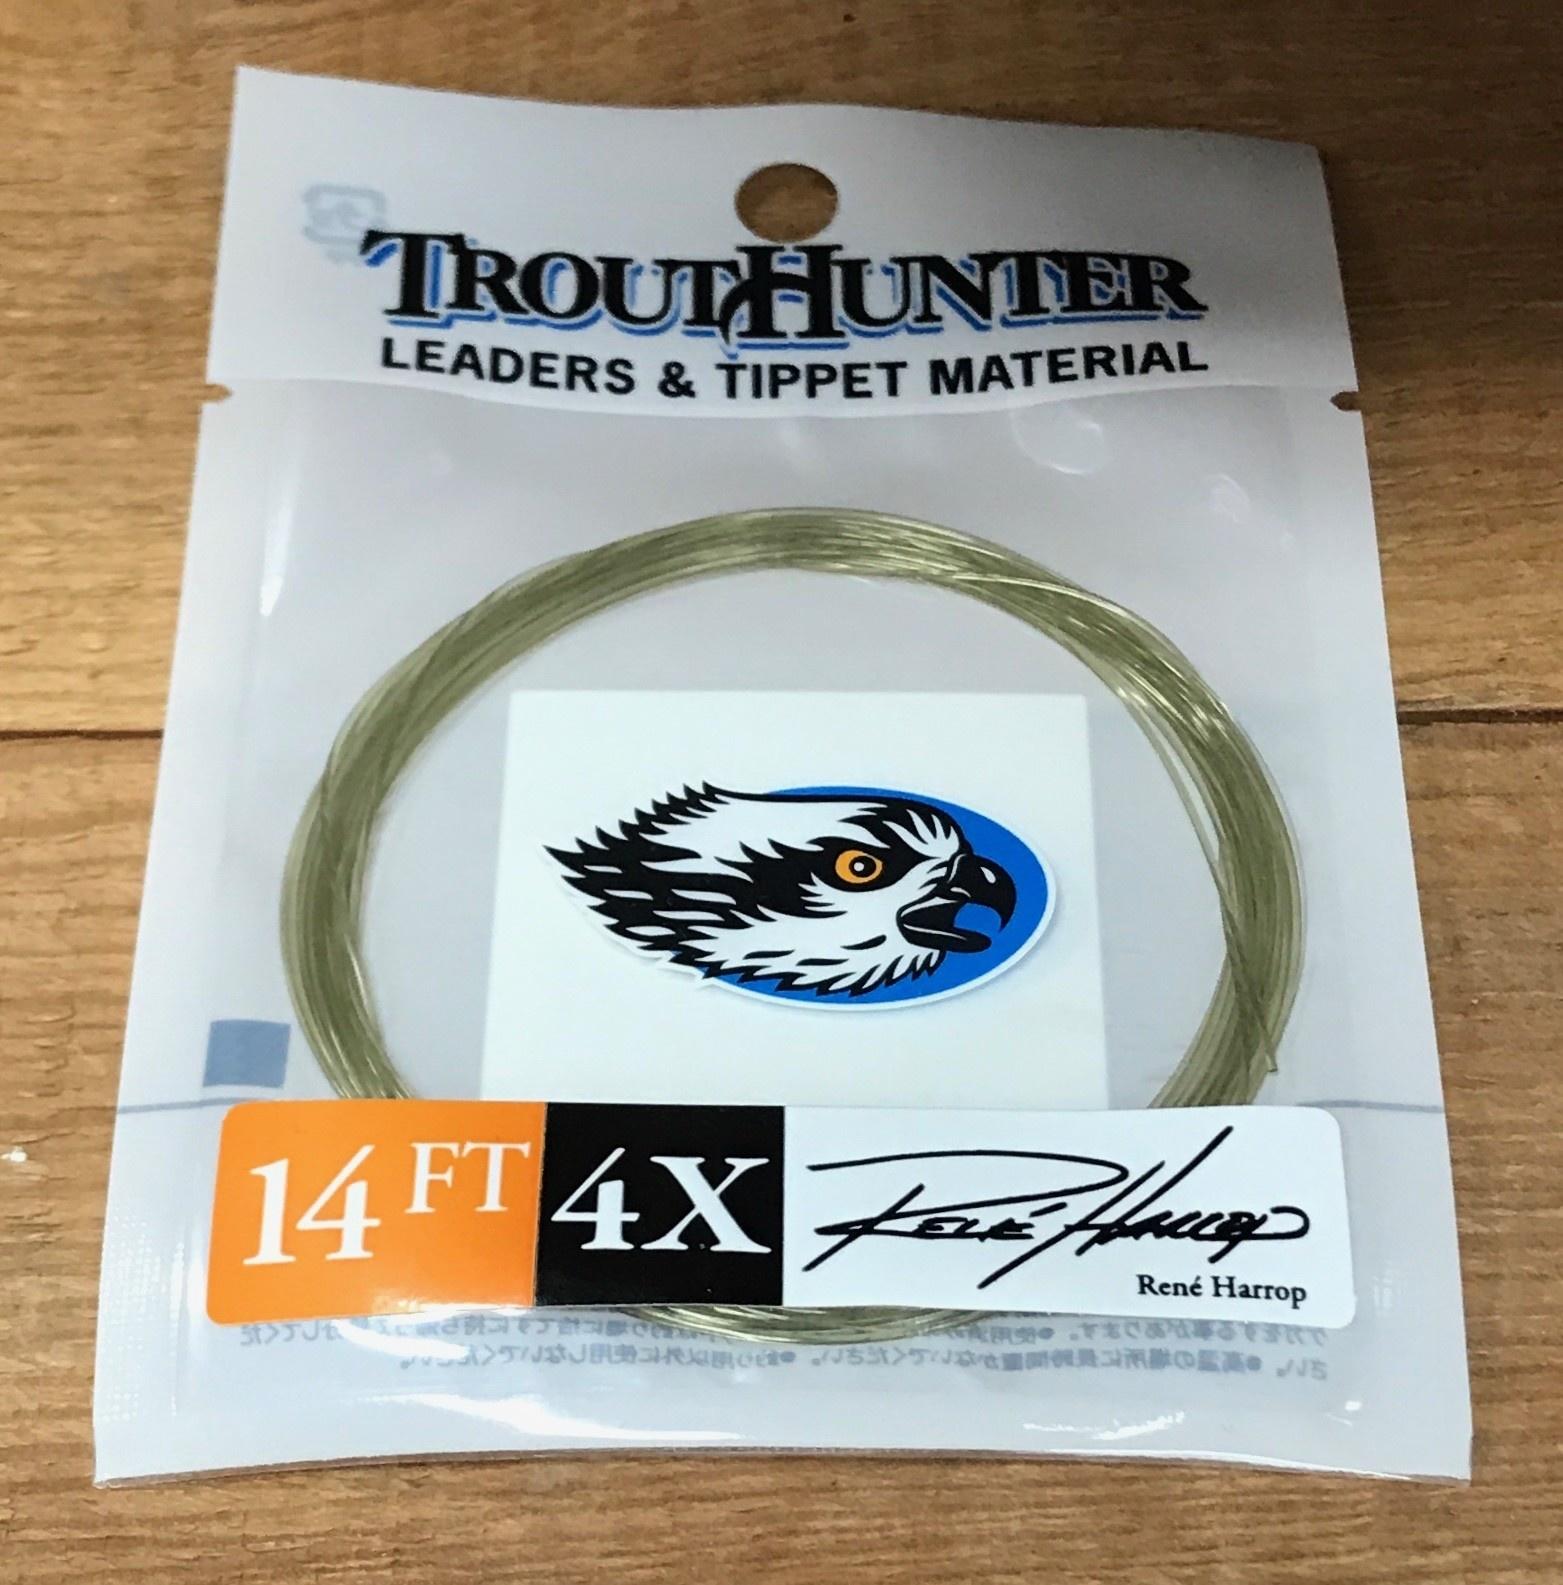 Trouthunter Rene Harrop 14' Leaders